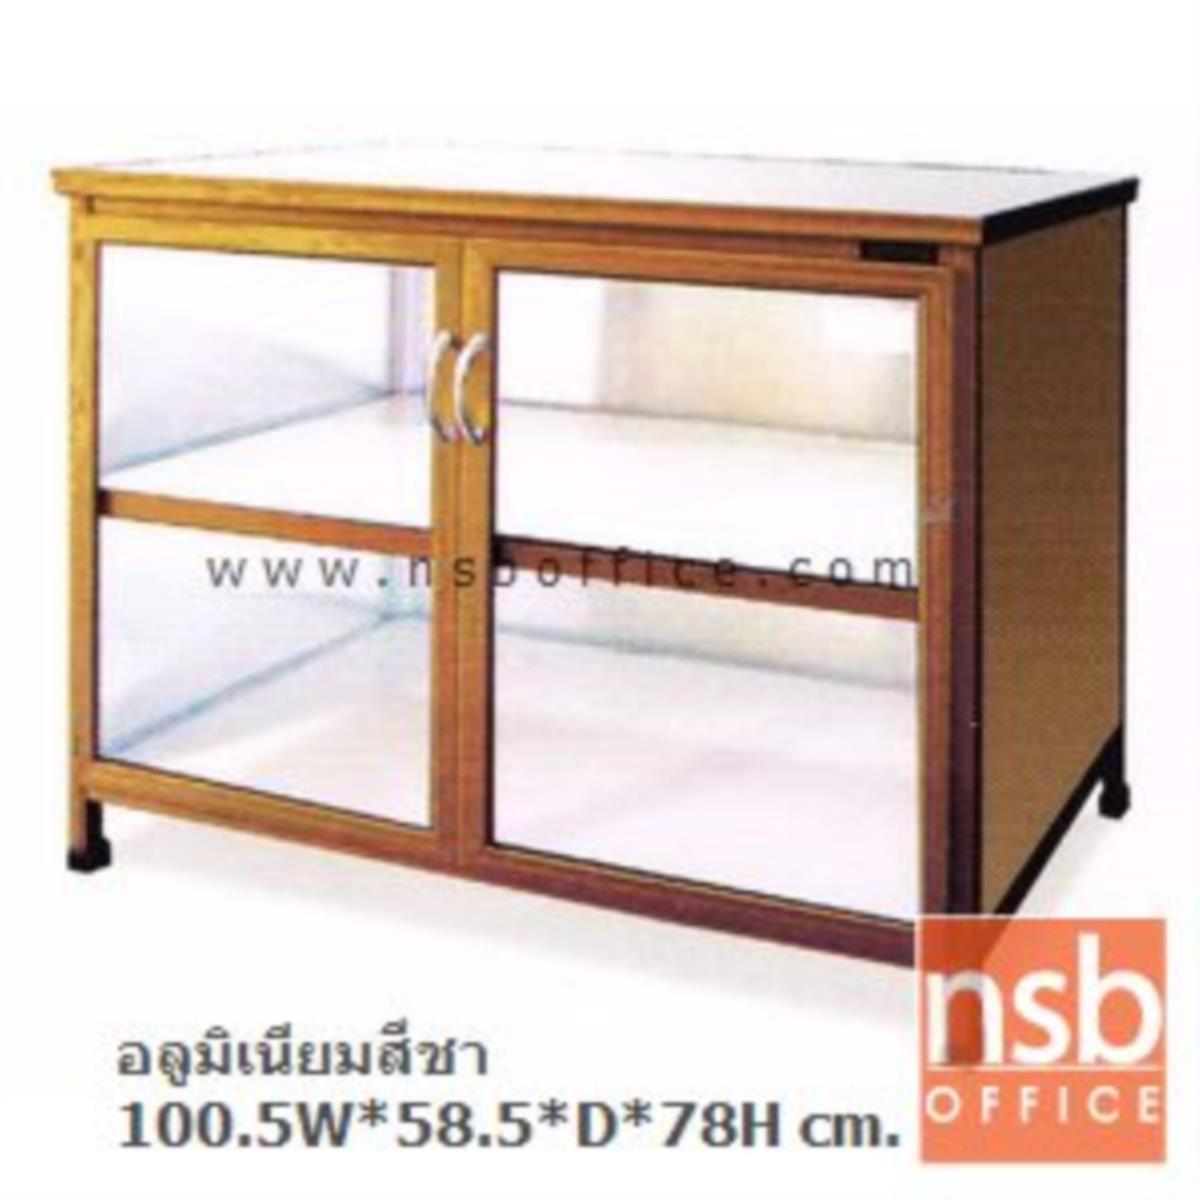 G07A057:ตู้ครัวอลูมิเนียม หน้าบานกระจกใส รุ่น Amary 78H*100.5W cm.